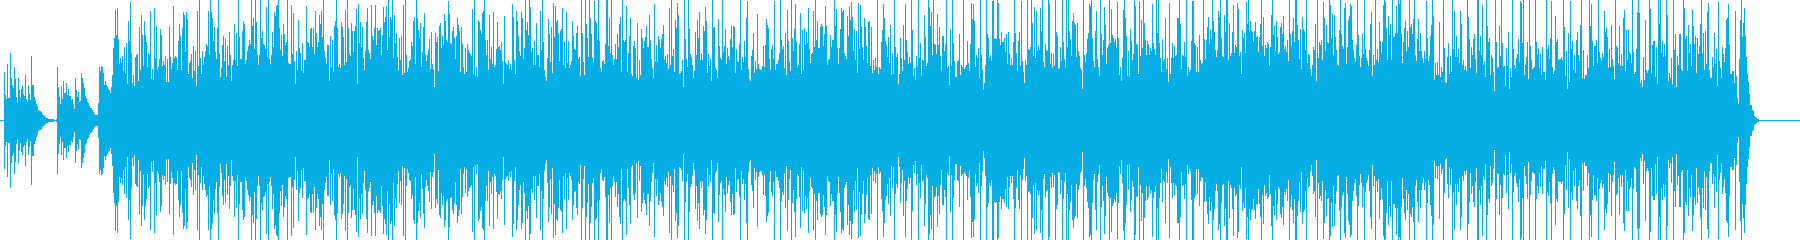 フラメンコ風の情熱的なアコギBGMの再生済みの波形